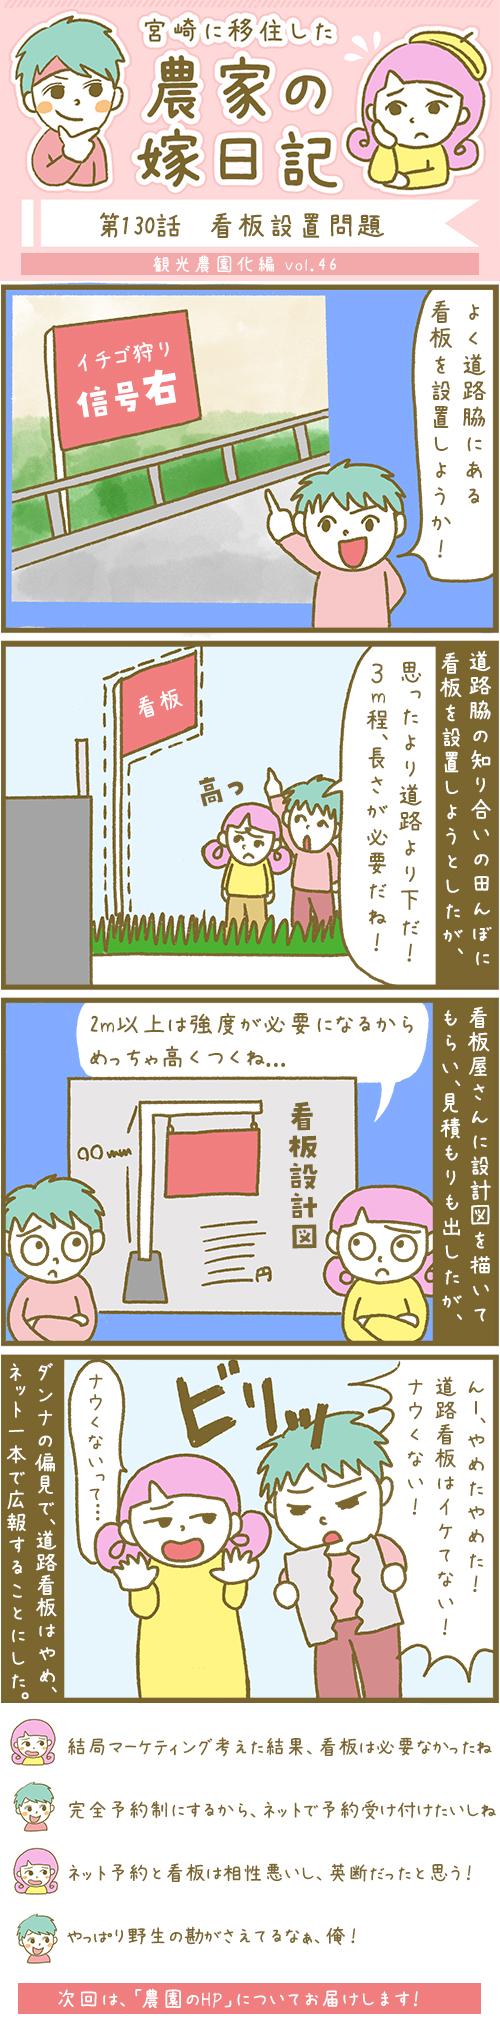 漫画第130話